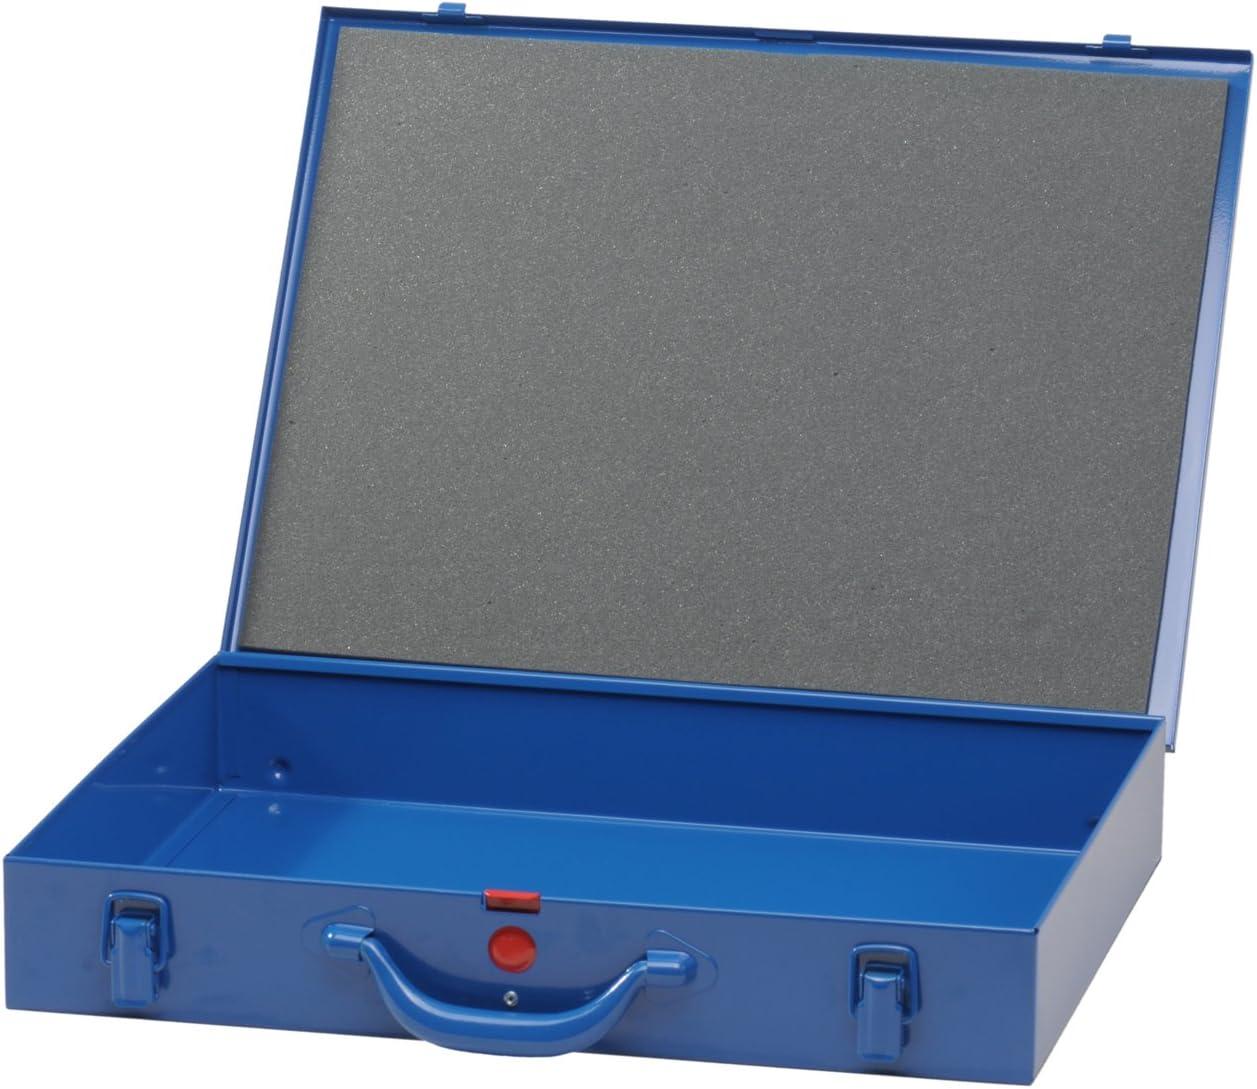 23 cajas insertables 330x440x66 mm azul oscuro H/ünersdorff Malet/ín para piezas peque/ñas de metal